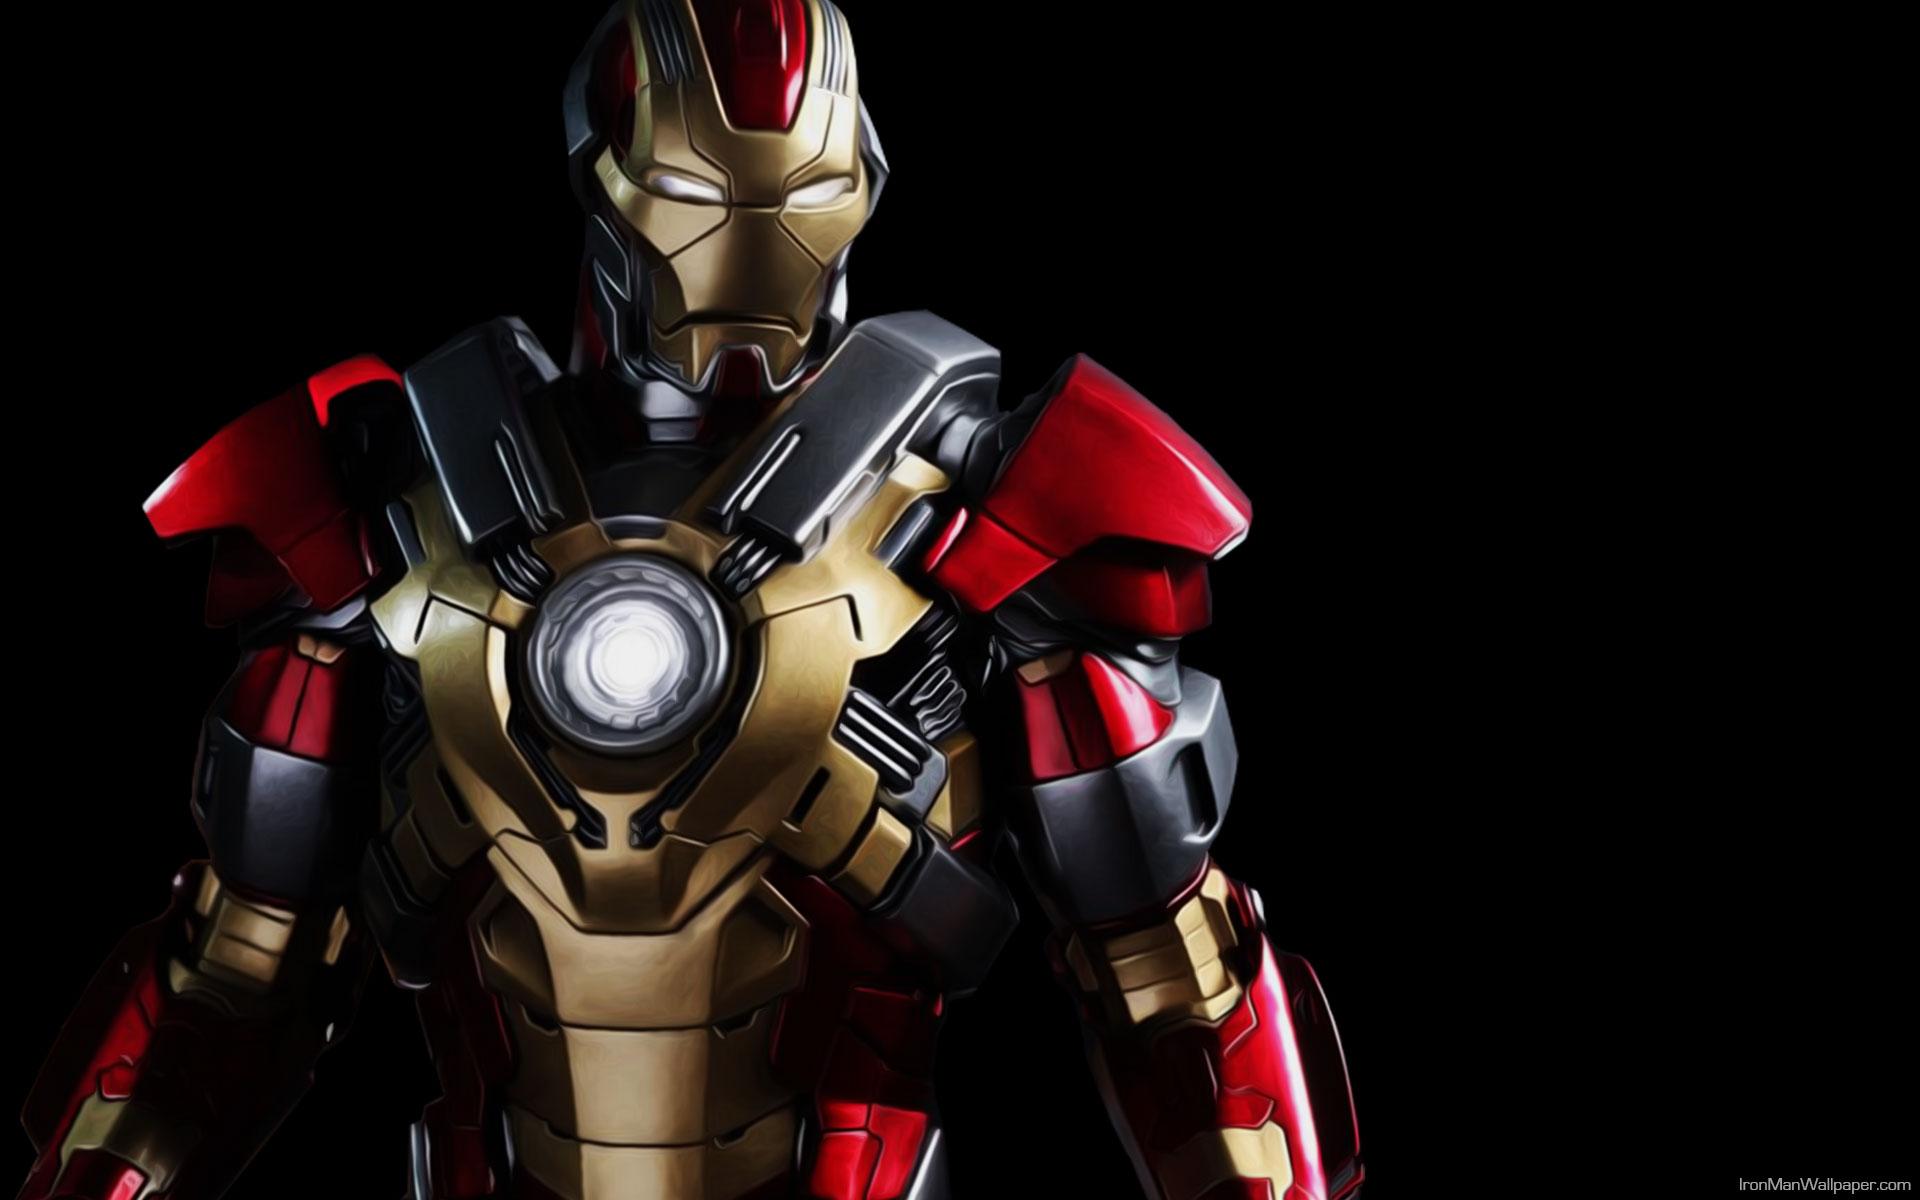 Iron Man Wallpaper Heartbreaker 1920x1200